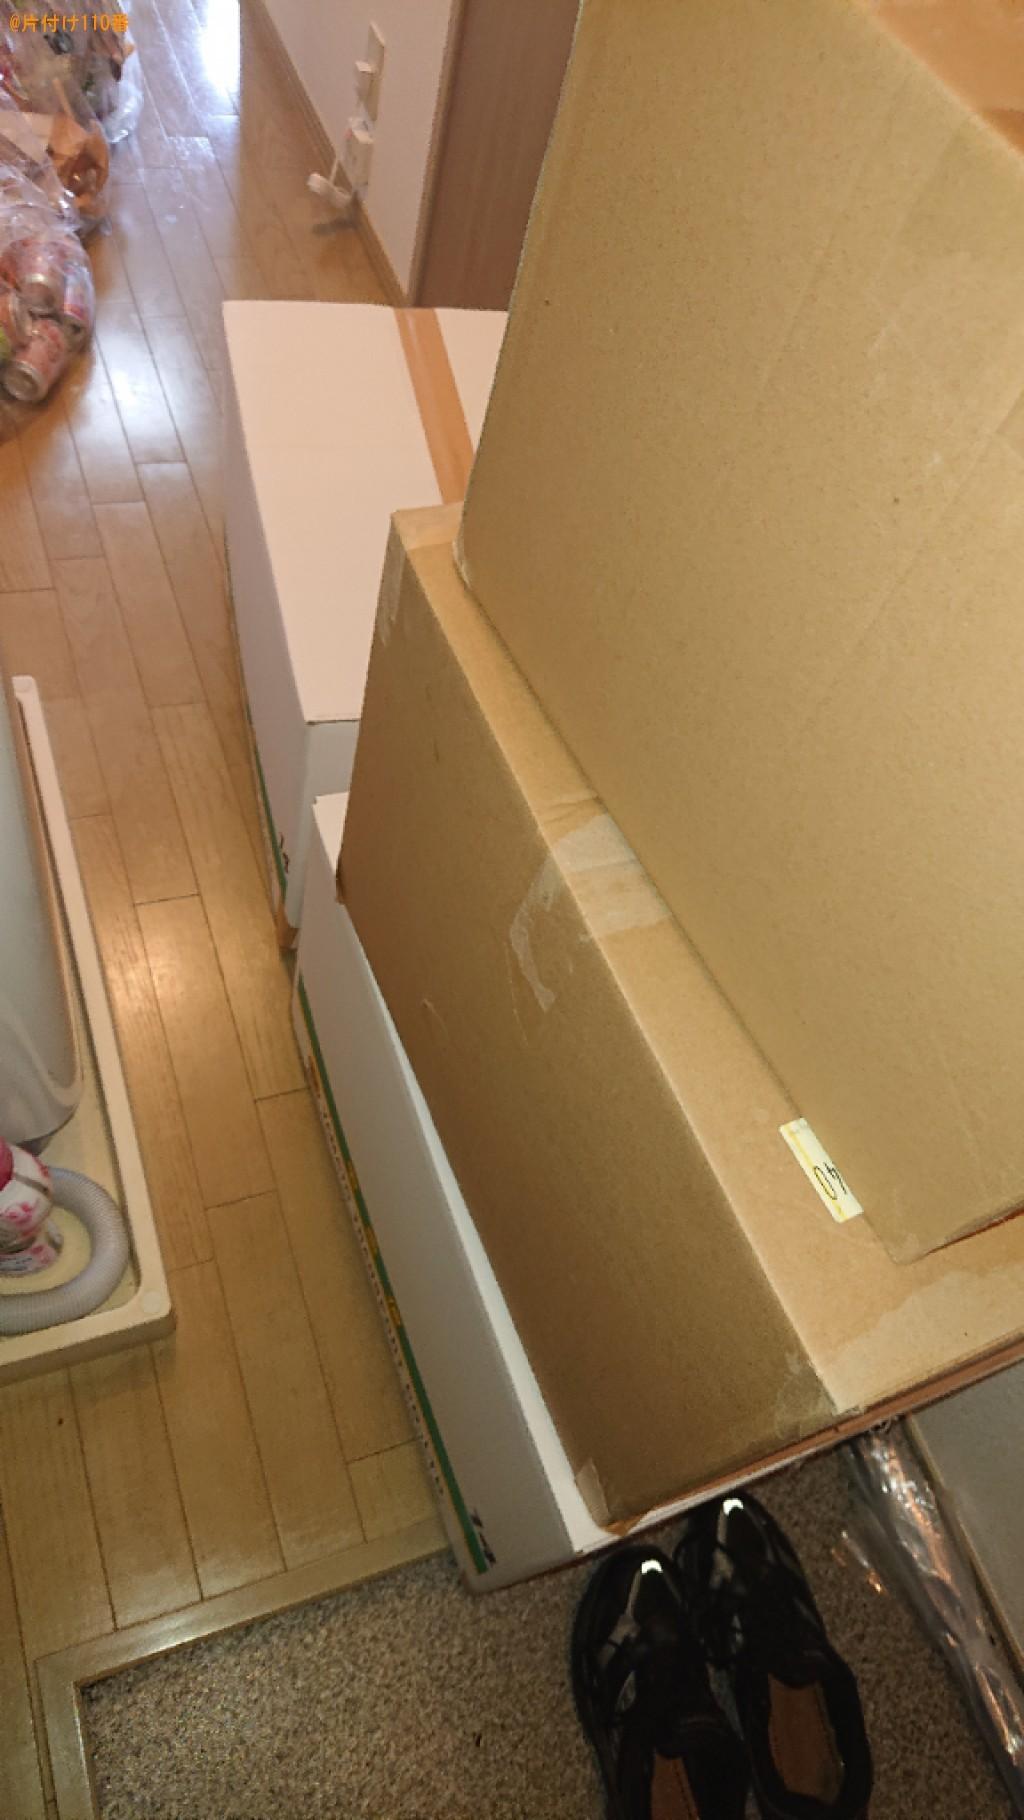 布団、電子レンジ、バケツ、調理器具、衣類等の回収・処分ご依頼